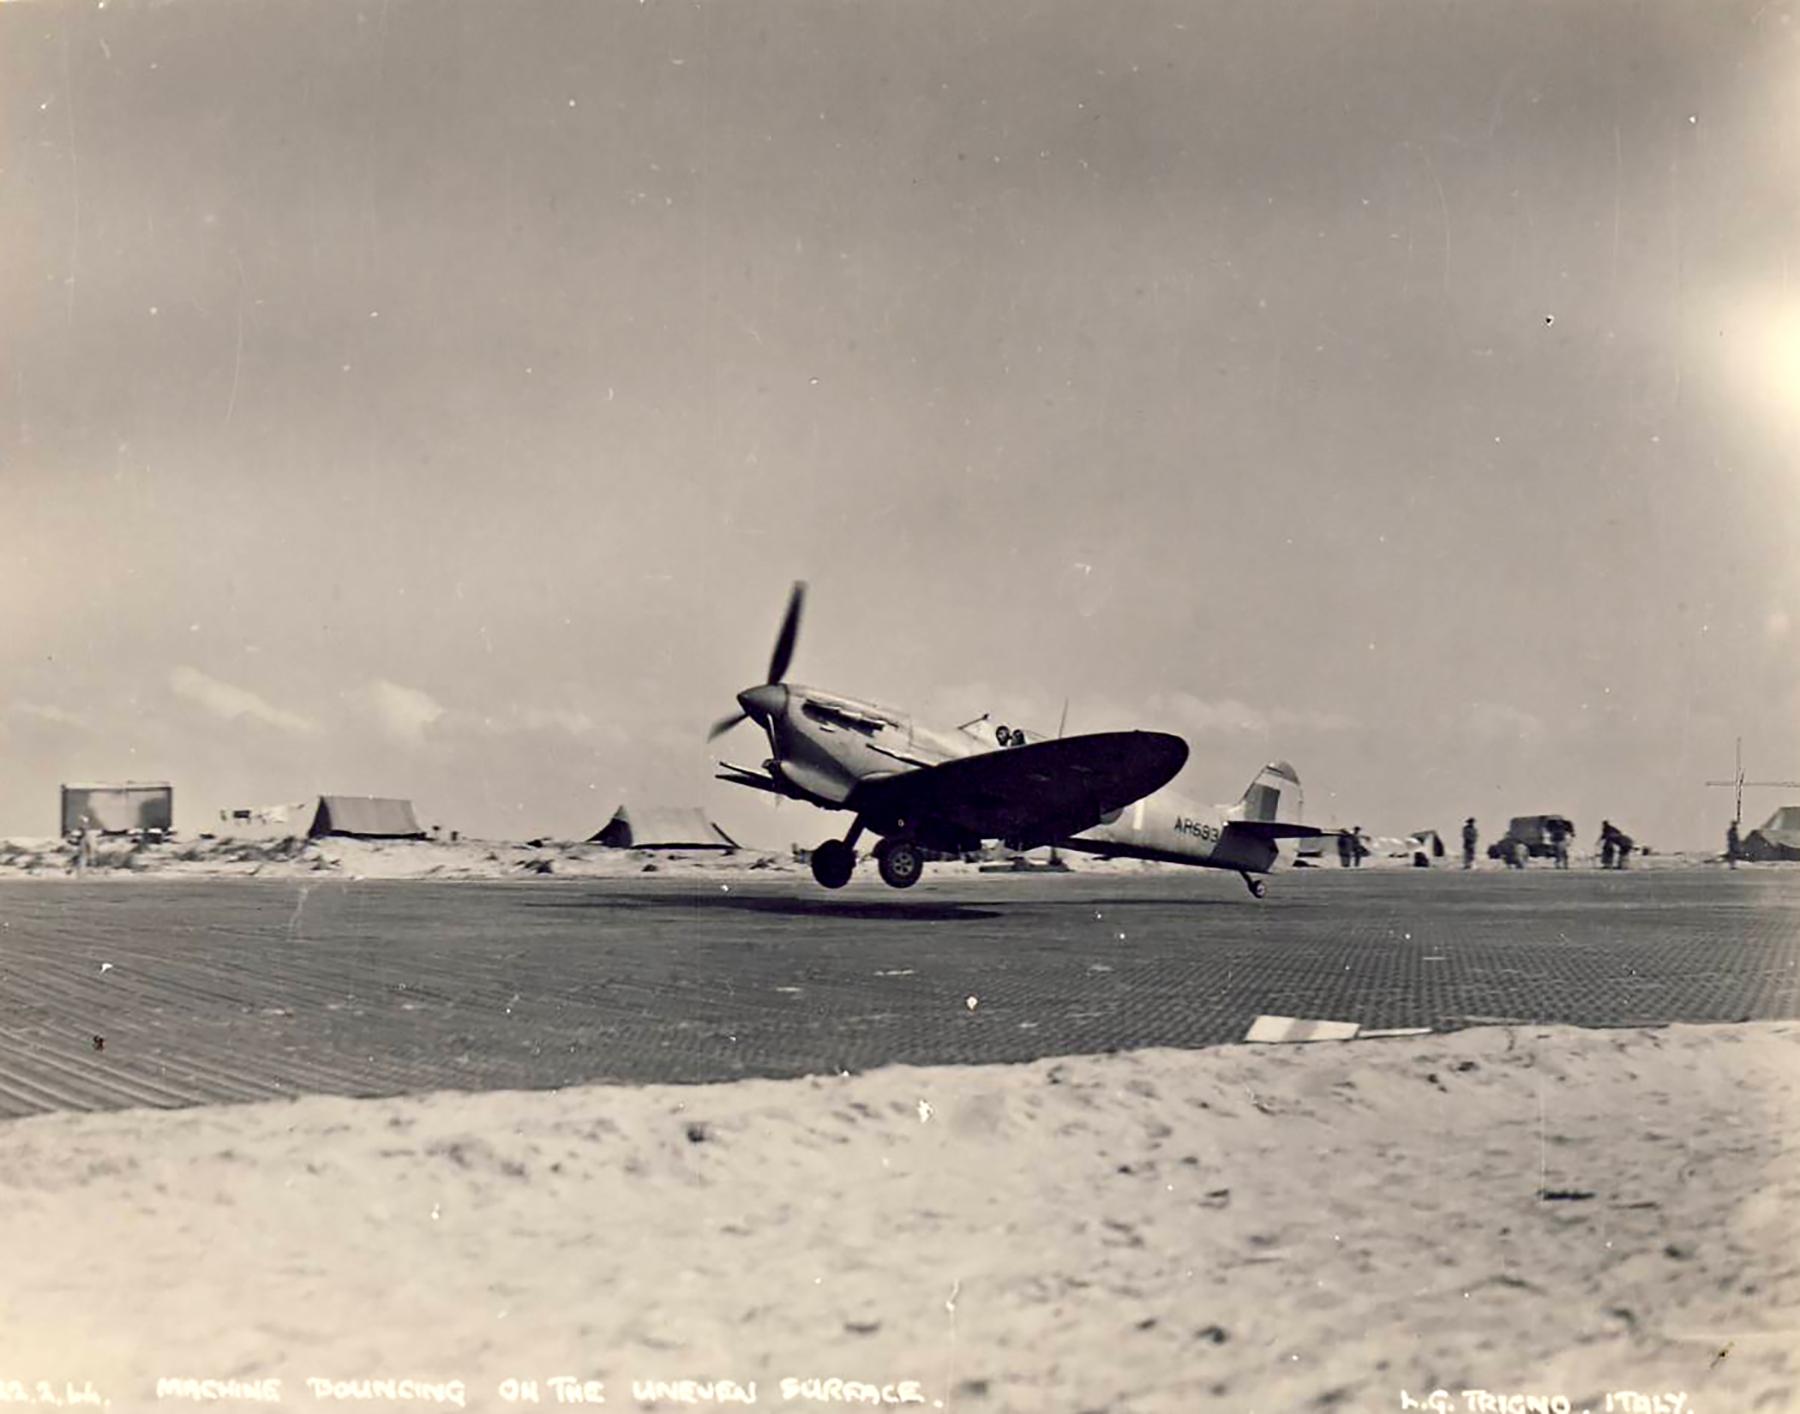 Spitfire MkVcTrop SAAF AR593 North Africa 1943 01